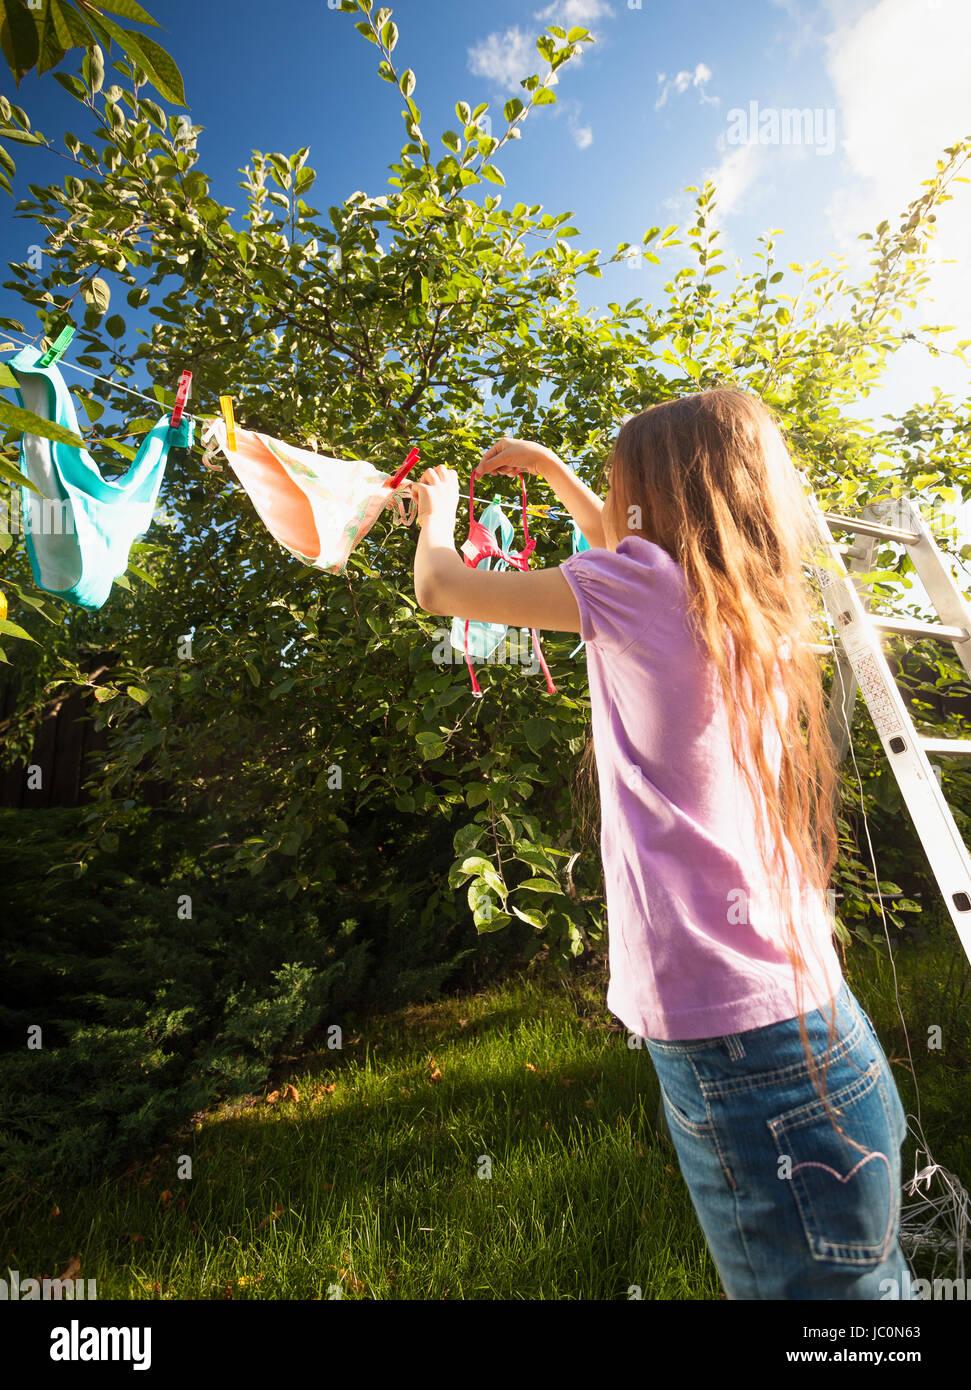 Disparo Al Aire Libre De Chica Haciendo Servicio De Lavanderia Y